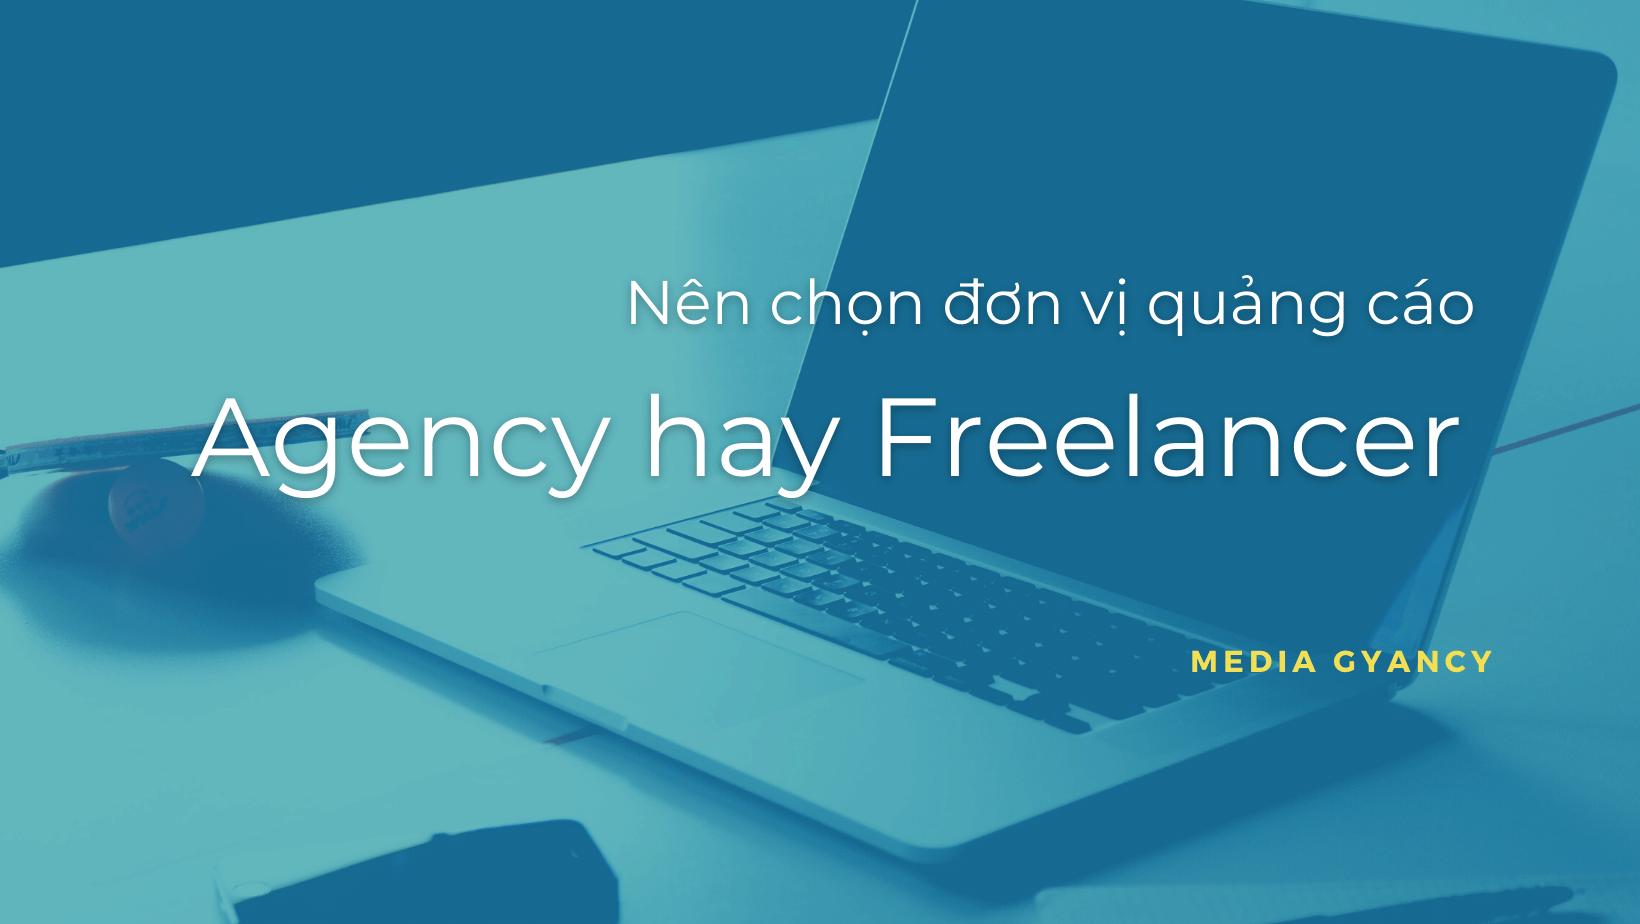 Nên chọn đơn vị quảng cáo agency hay freelancer